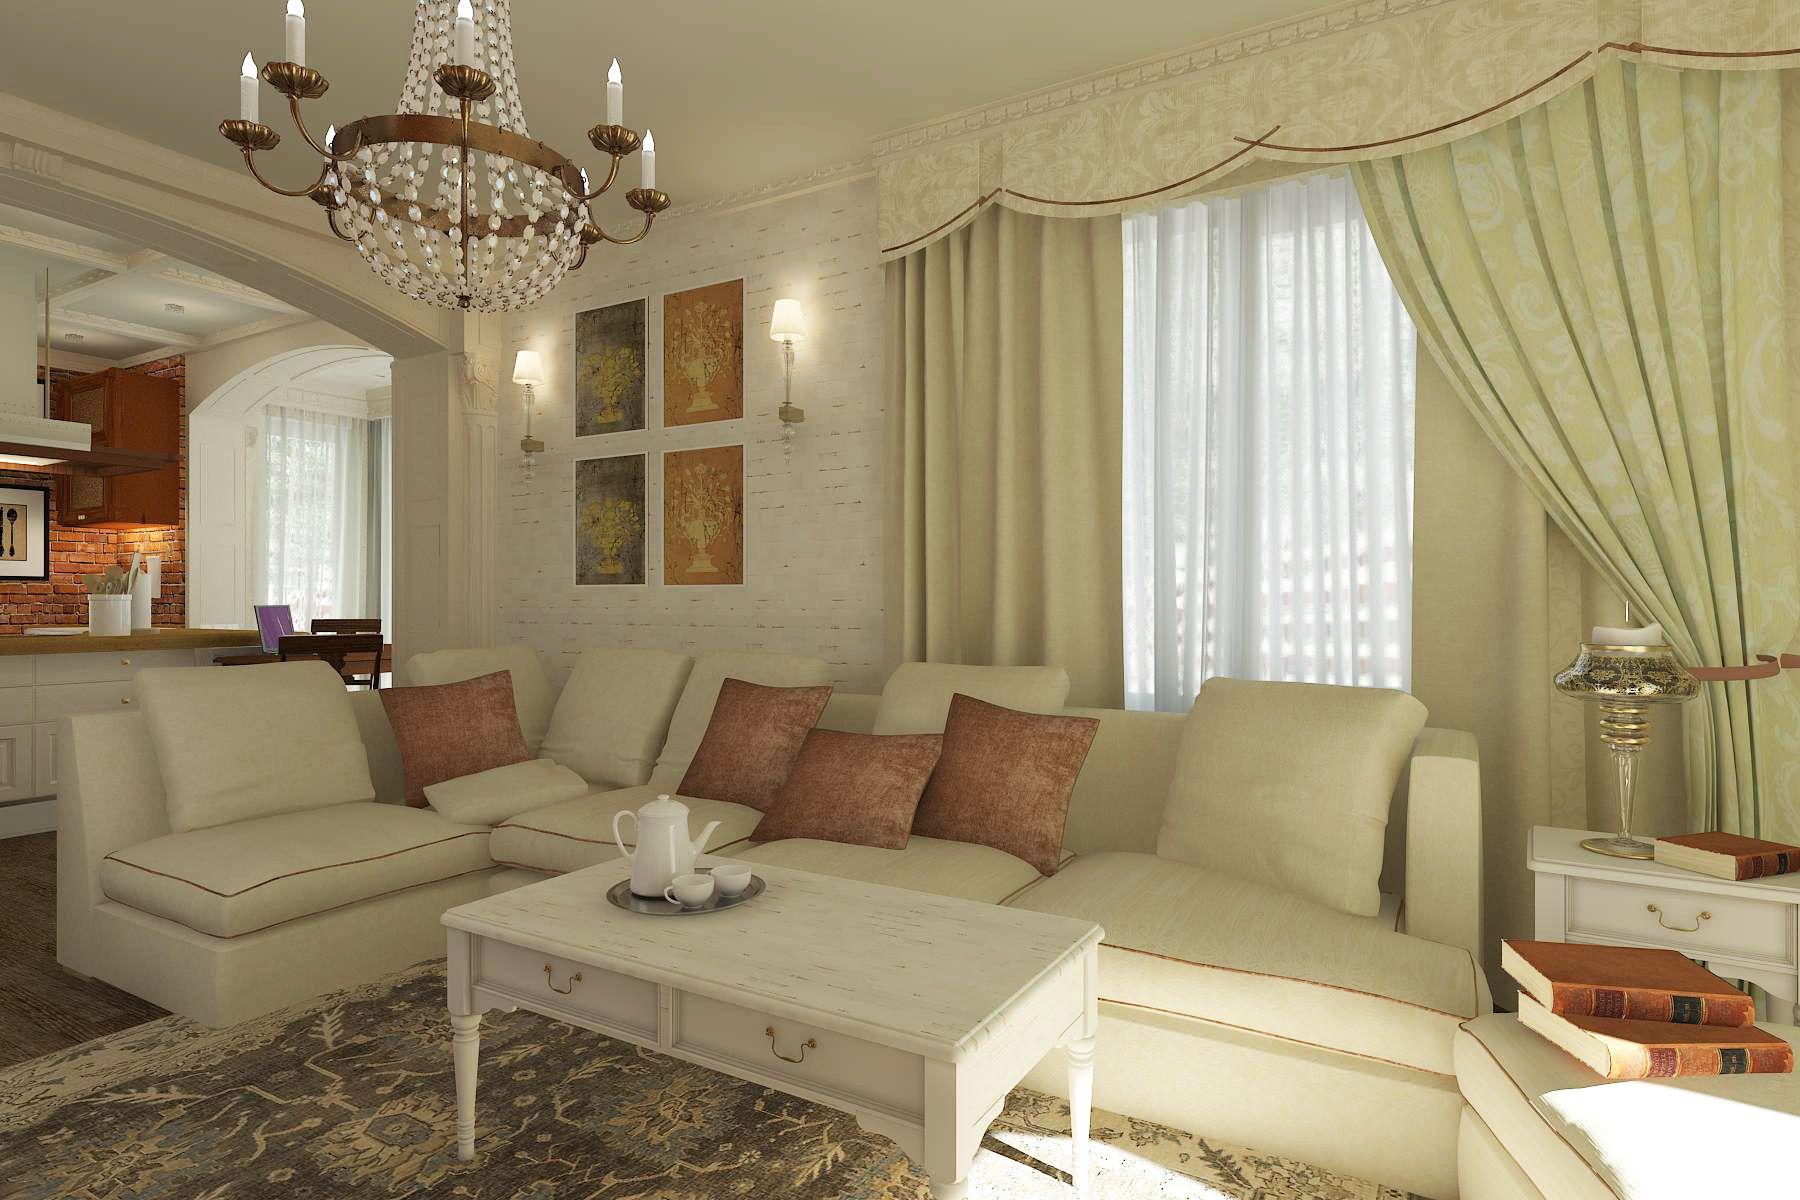 Кухня-гостиная (с изображениями)   Дом, Гостиная, Дизайн